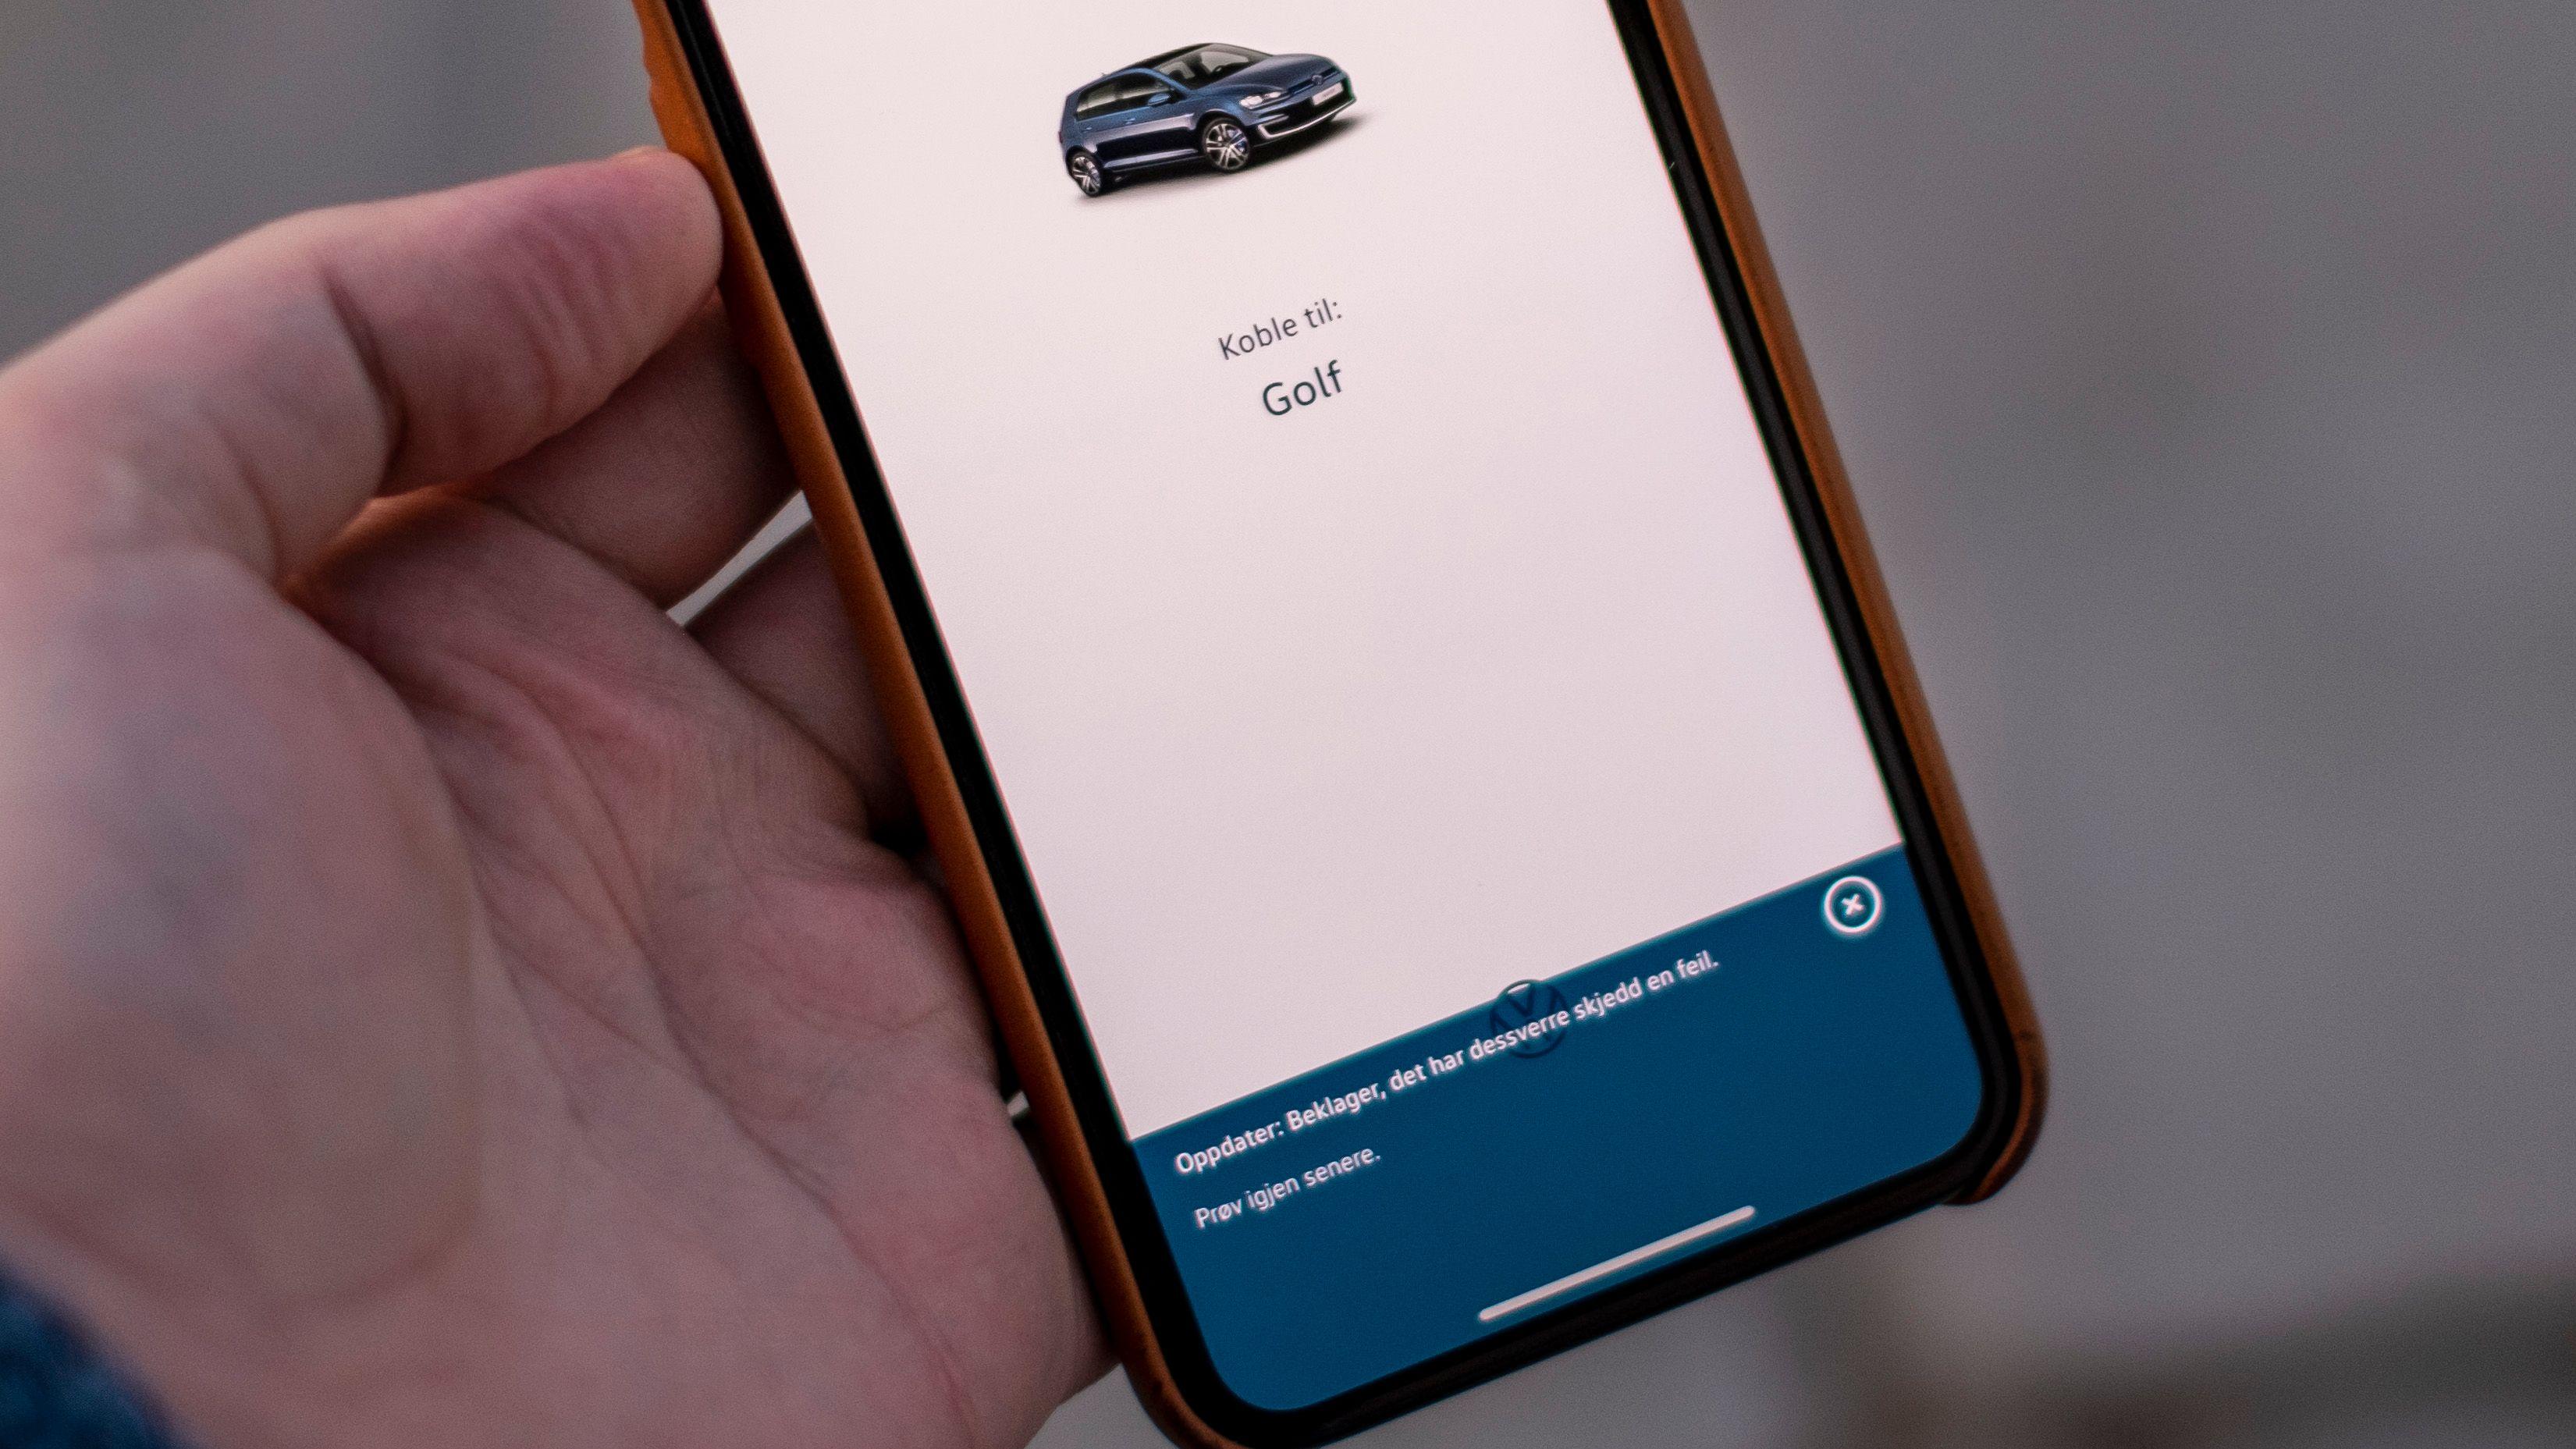 Det veldig ofte ett eller annet som står i veien for å fjernstyre oppvarmingen i bilen eller å sjekke om den er låst. Optimalt sett skal appen funke - men den er så ustabil at man slett ikke kan basere seg på den.